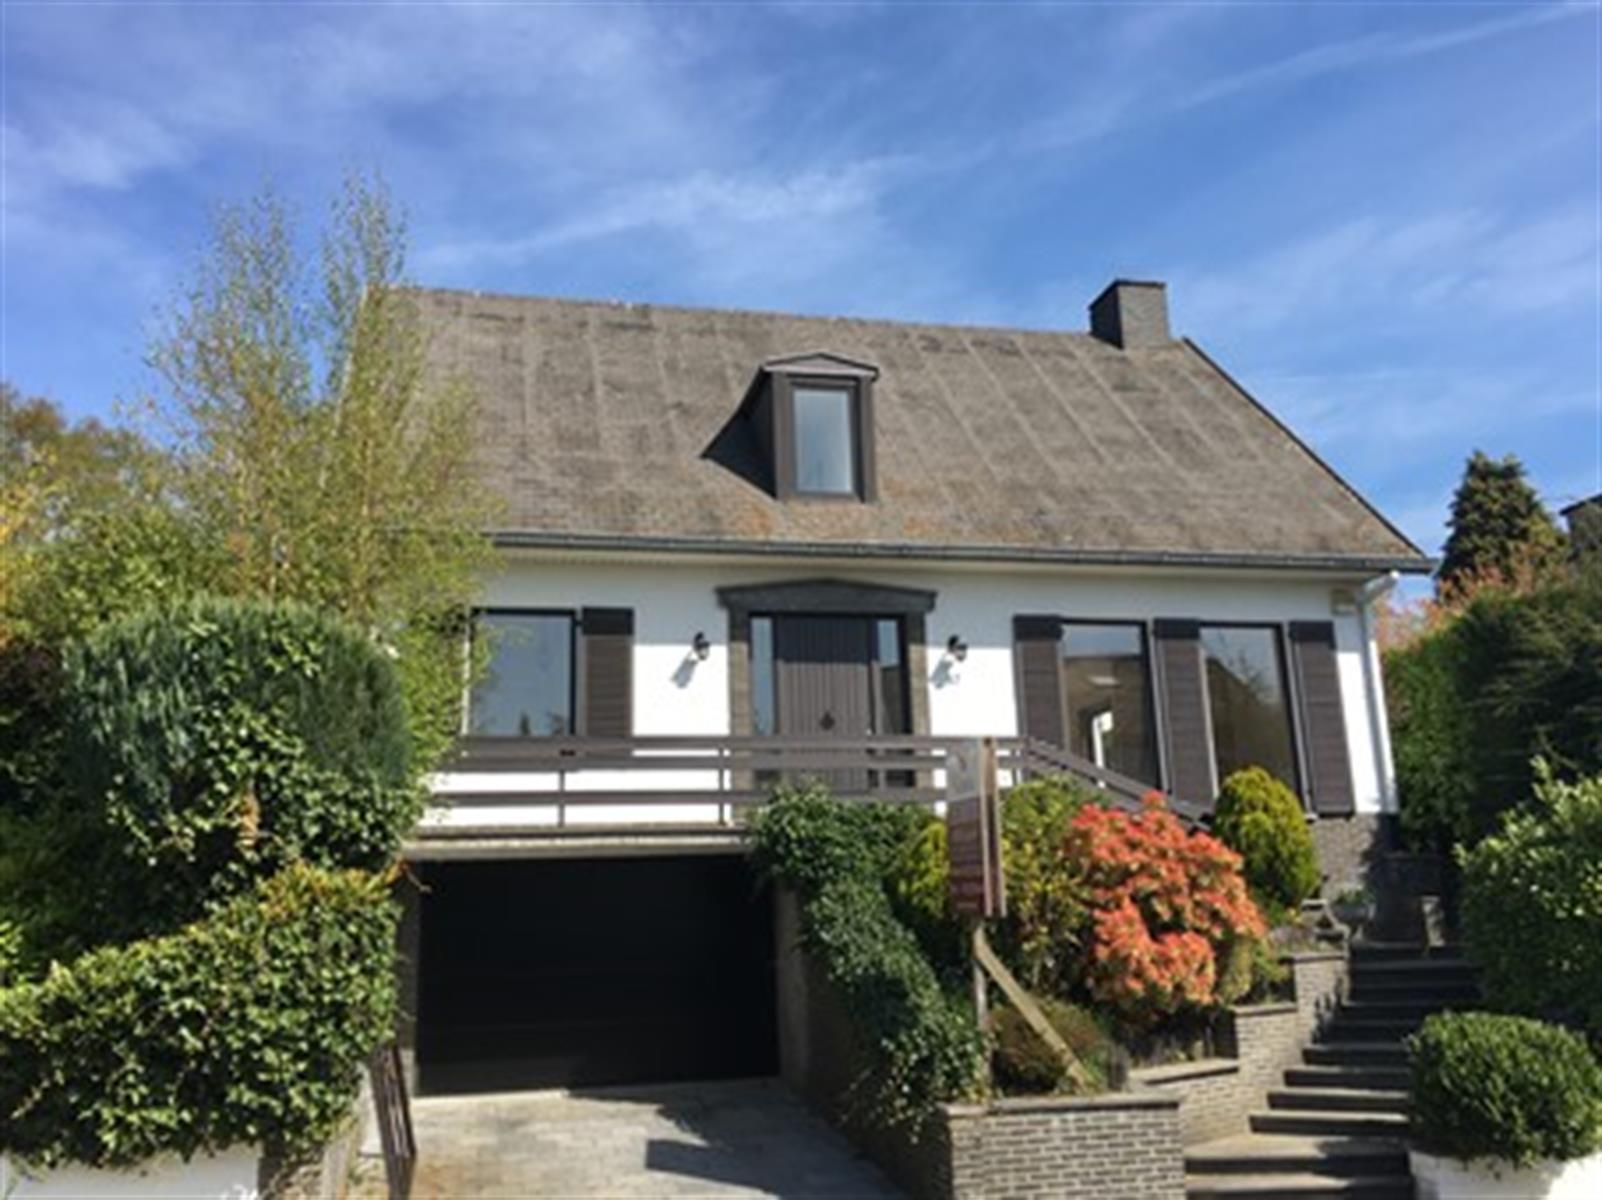 Villa - Tervuren - #4160009-1